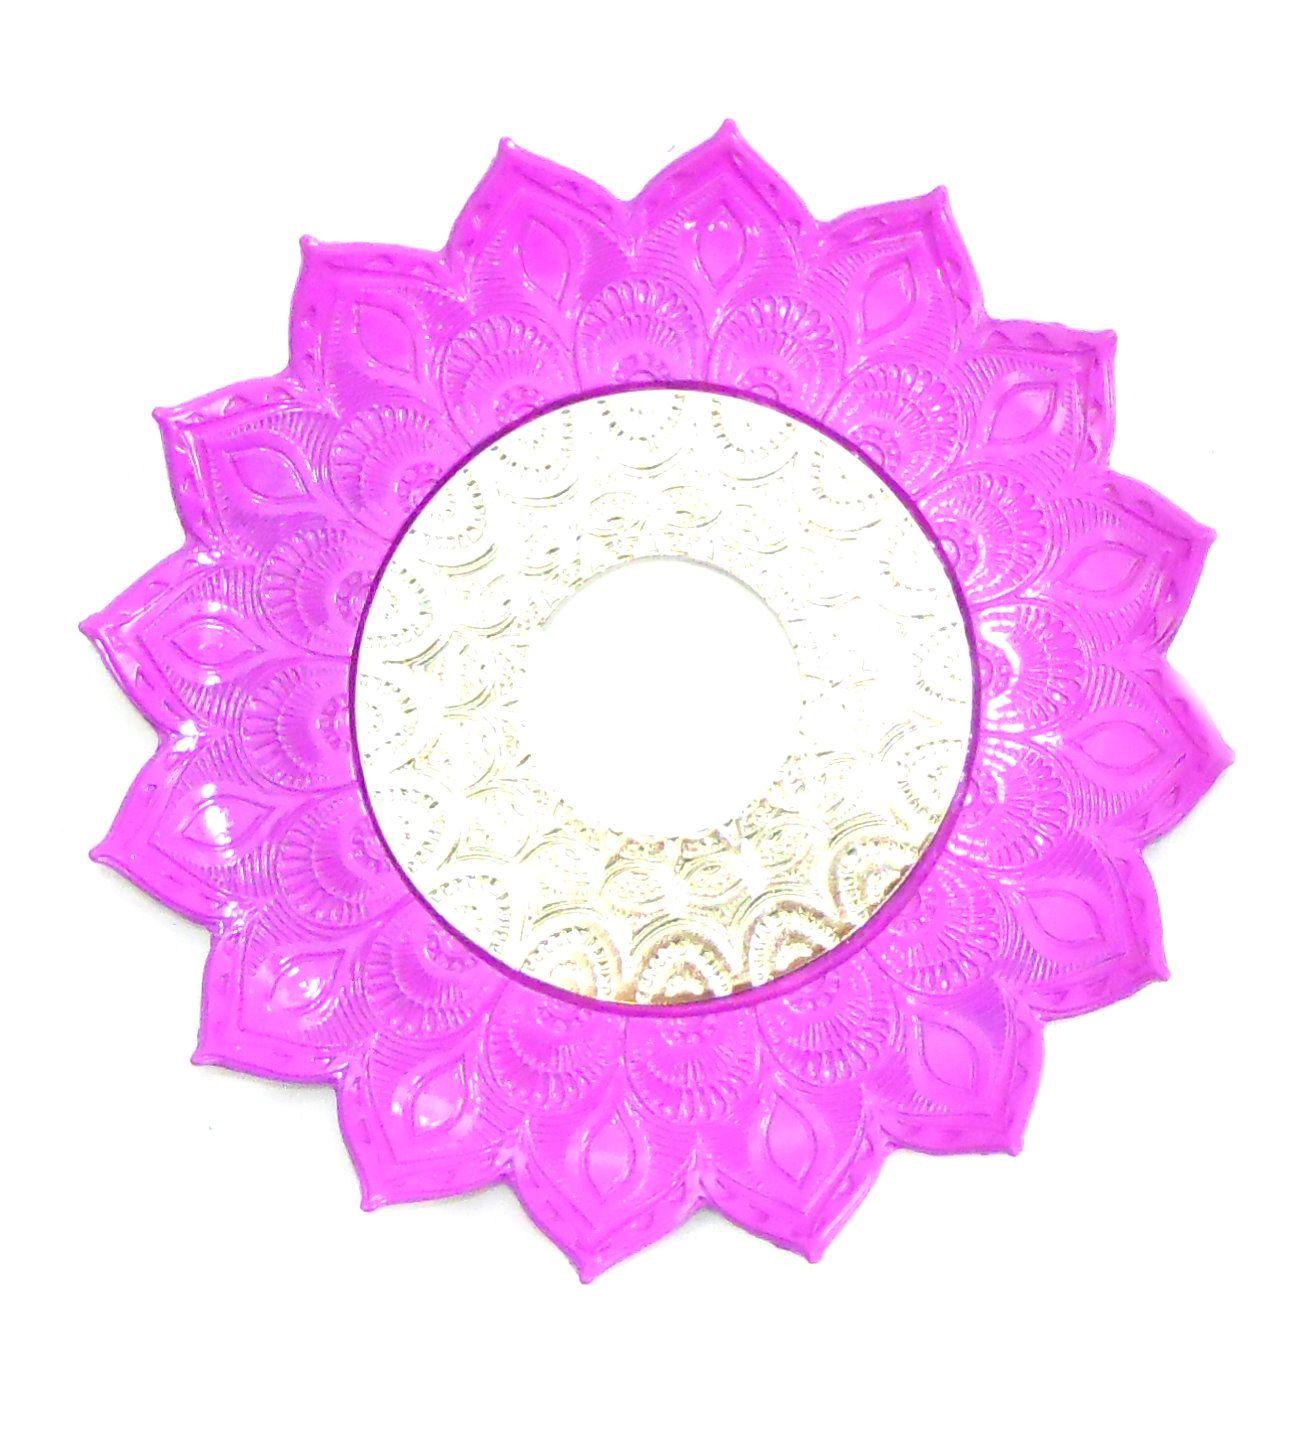 Prato para narguile mod. Artemis 17cm diâm. Em liga metálica inox e decorado. Cor: ROSA ESCURO.